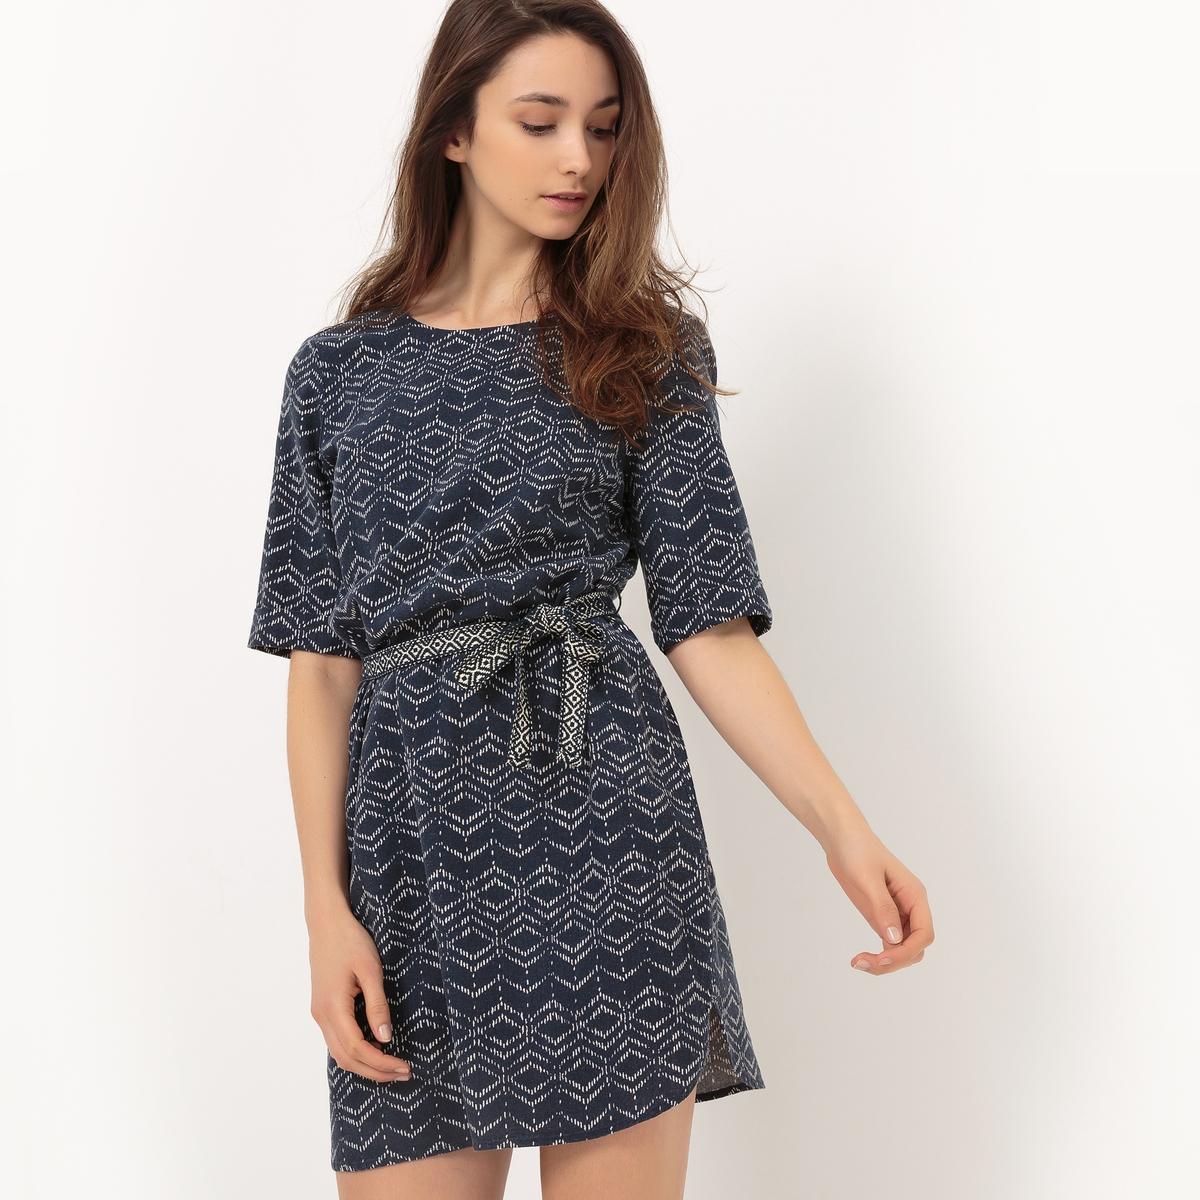 Платье с короткими рукавами и завязкамиМатериал : 45% вискозы, 55% льна  Длина рукава : короткие рукава  Форма воротника : круглый вырез Покрой платья : платье прямого покроя    Рисунок : однотонная модель   Длина платья : до колен<br><br>Цвет: темно-синий,экрю